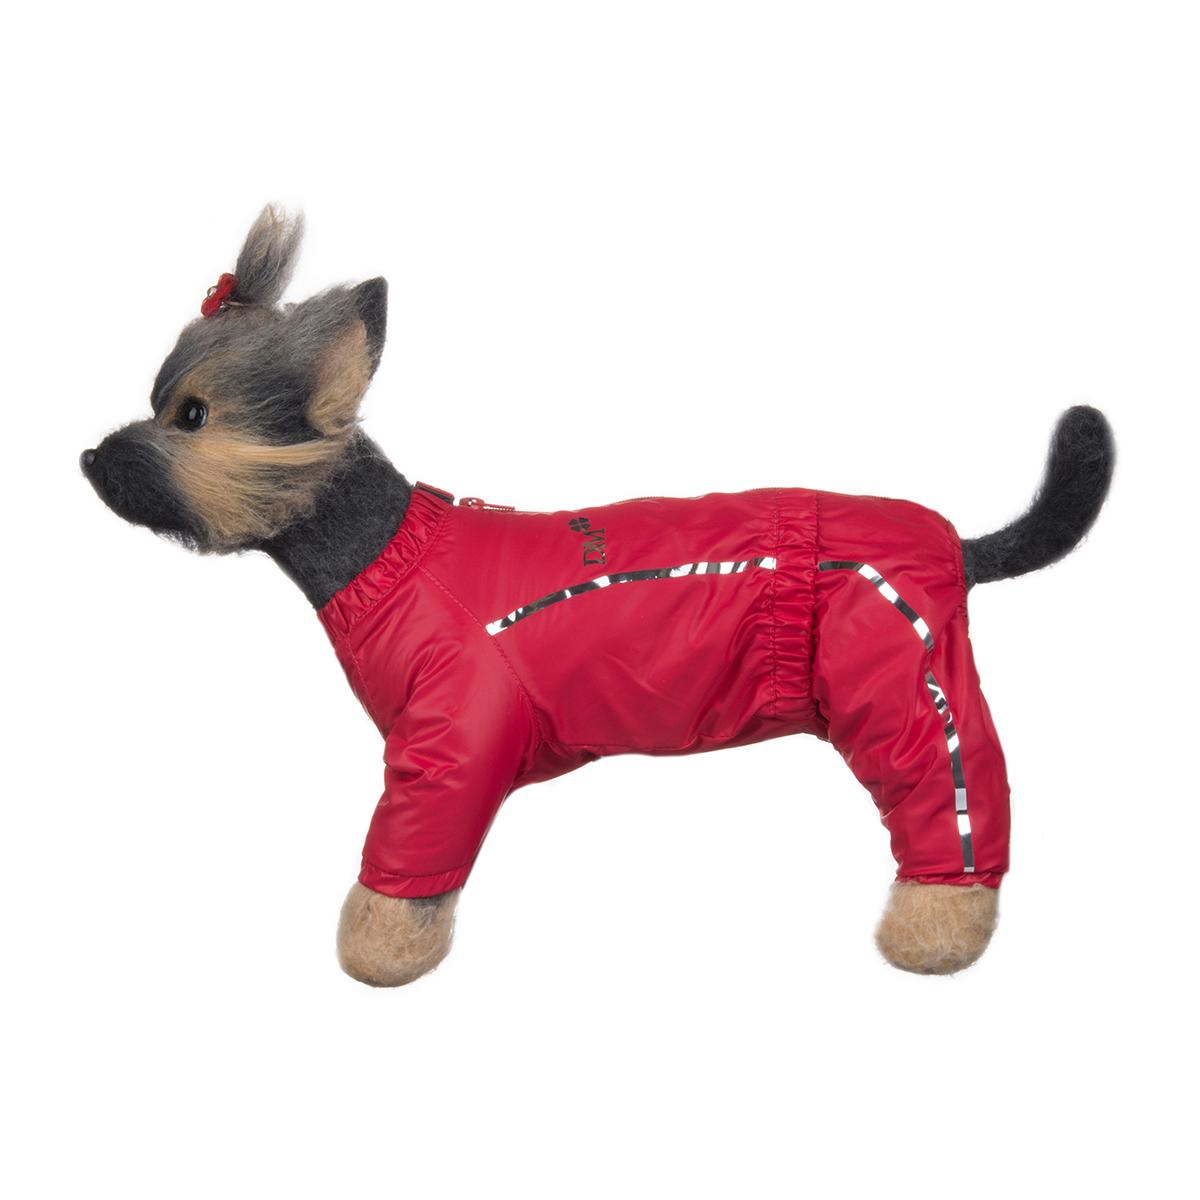 Комбинезон для собак Dogmoda Альпы, для девочки, цвет: фуксия. Размер 4 (XL)DM-150327-4Комбинезон для собак Dogmoda Альпы отлично подойдет для прогулок поздней осенью или ранней весной.Комбинезон изготовлен из полиэстера, защищающего от ветра и осадков, с подкладкой из флиса, которая сохранит тепло и обеспечит отличный воздухообмен. Комбинезон застегивается на молнию и липучку, благодаря чему его легко надевать и снимать. Ворот, низ рукавов и брючин оснащены внутренними резинками, которые мягко обхватывают шею и лапки, не позволяя просачиваться холодному воздуху. На пояснице имеется внутренняя резинка. Изделие декорировано серебристыми полосками и надписью DM.Благодаря такому комбинезону простуда не грозит вашему питомцу и он не даст любимцу продрогнуть на прогулке.